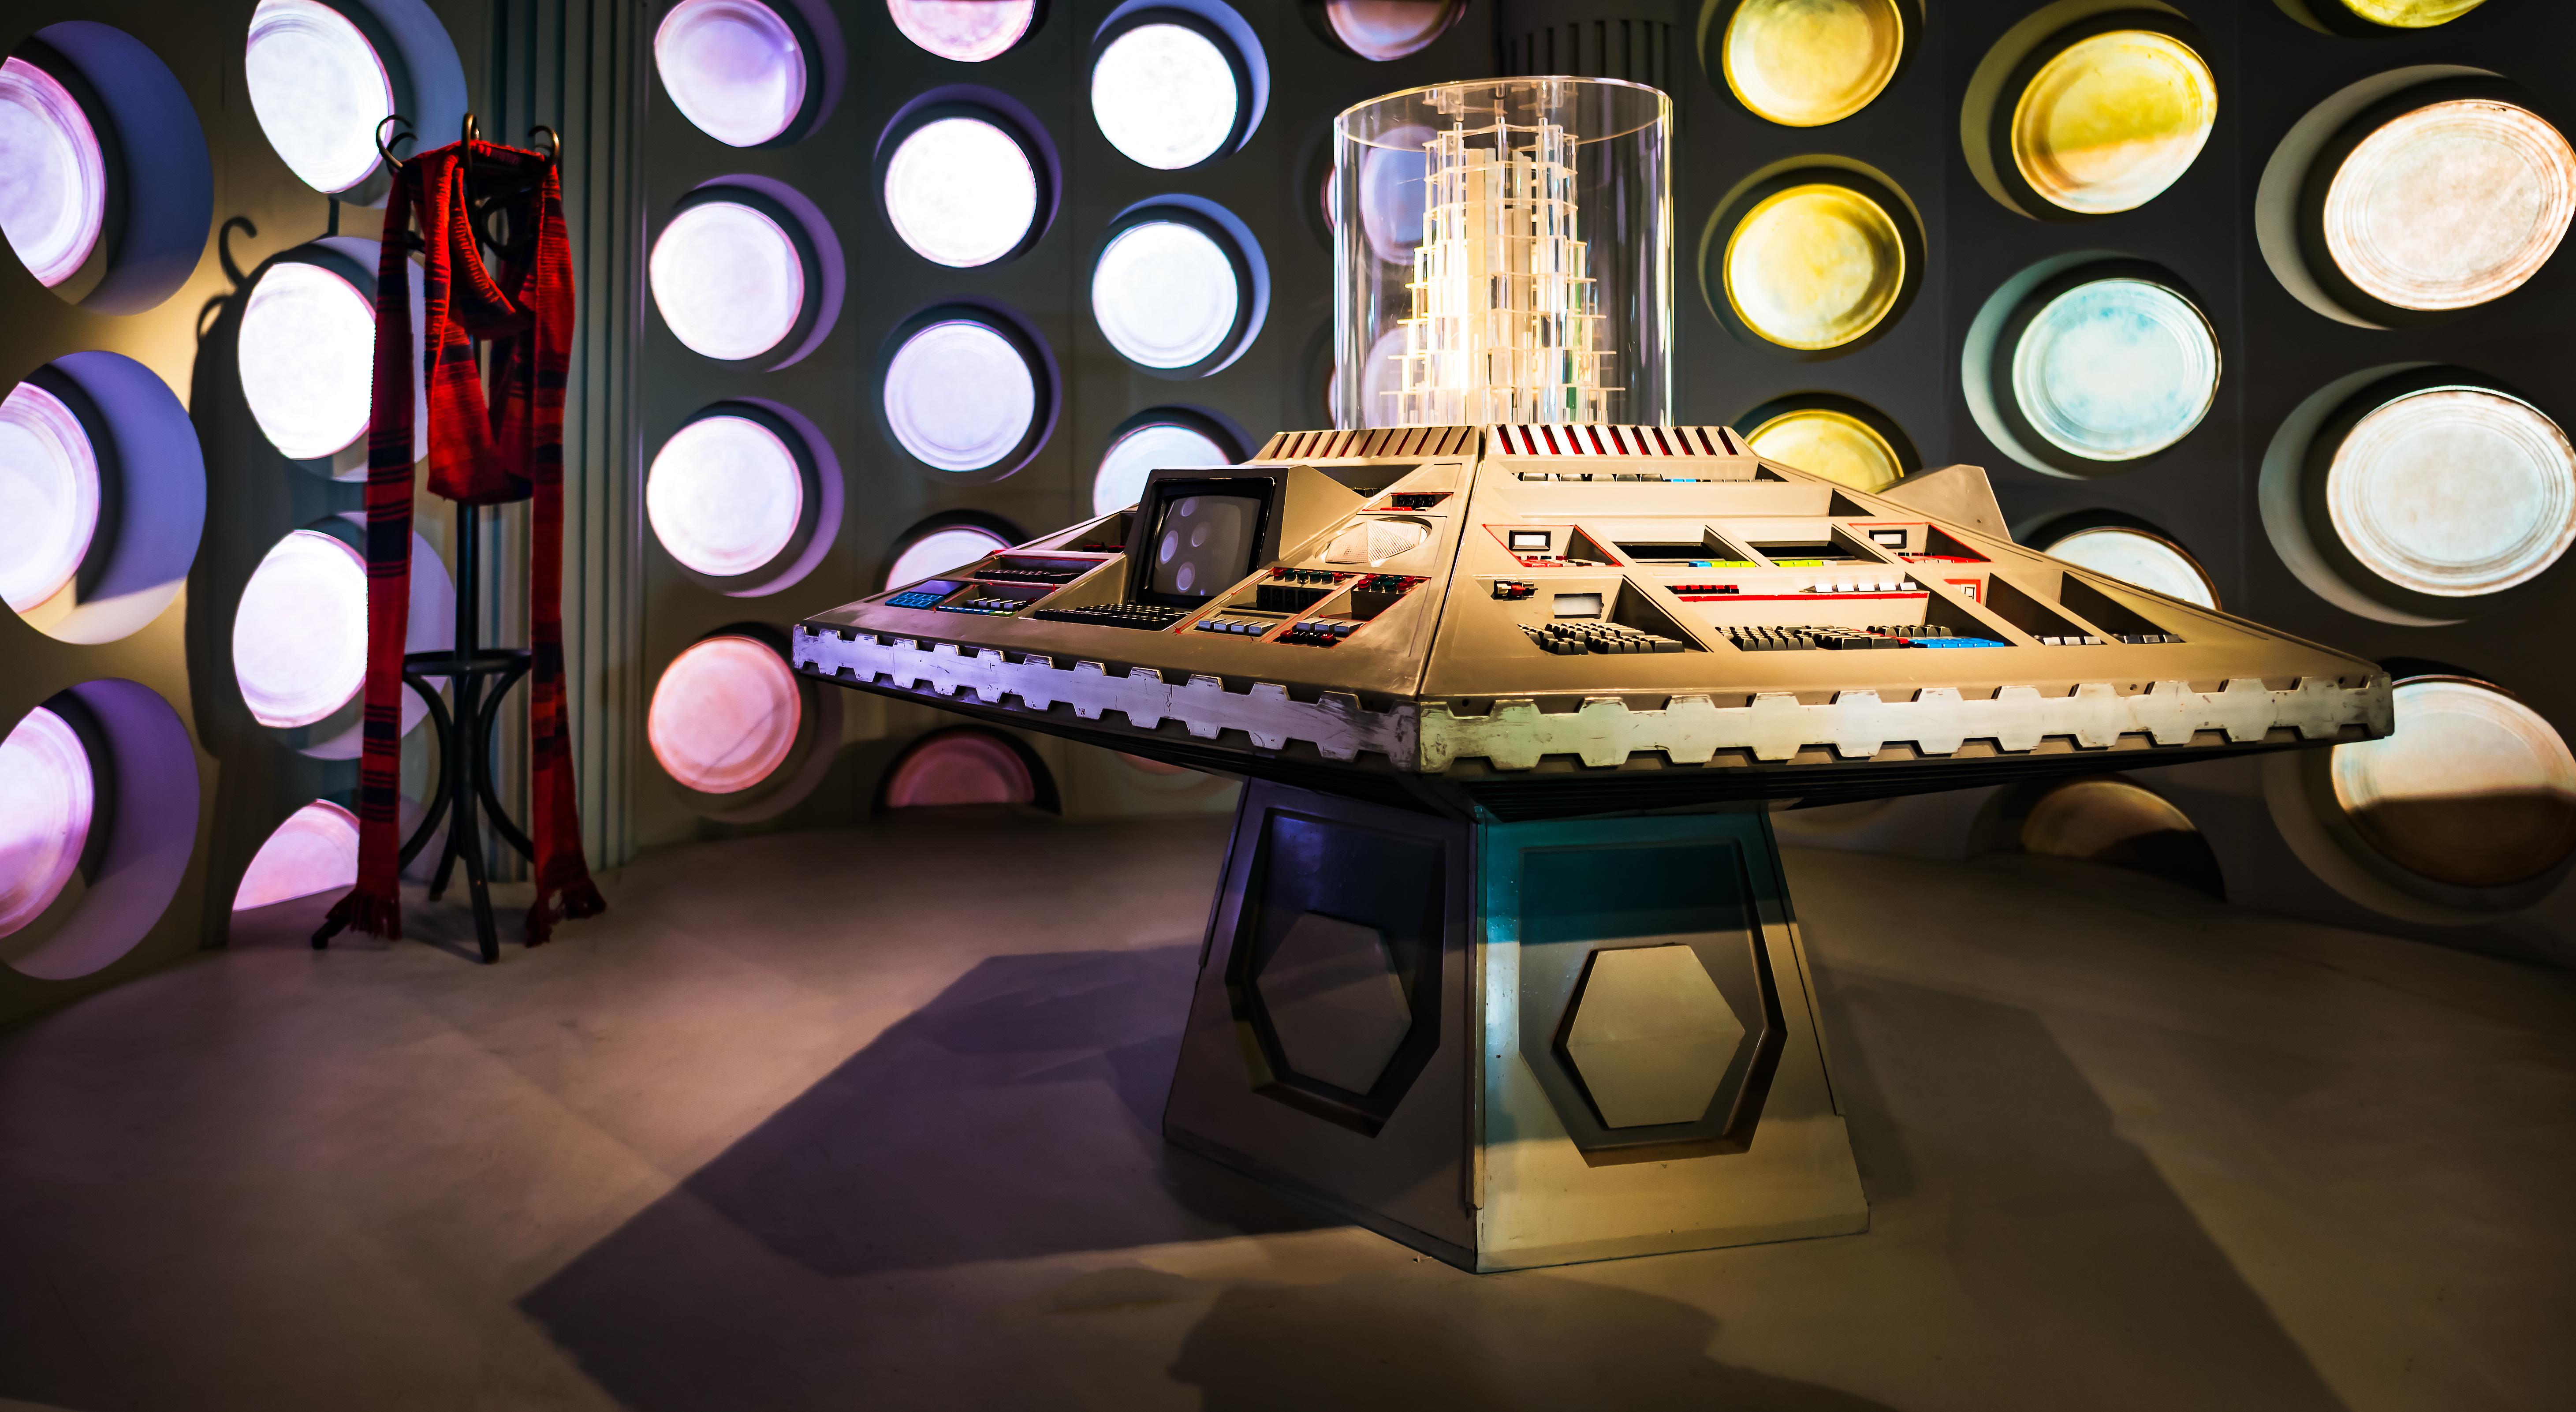 wallpaper  space table interior design tardis bbc set  - space table interior design tardis bbc set console cardiff light lightingindoor design show scifi tourist